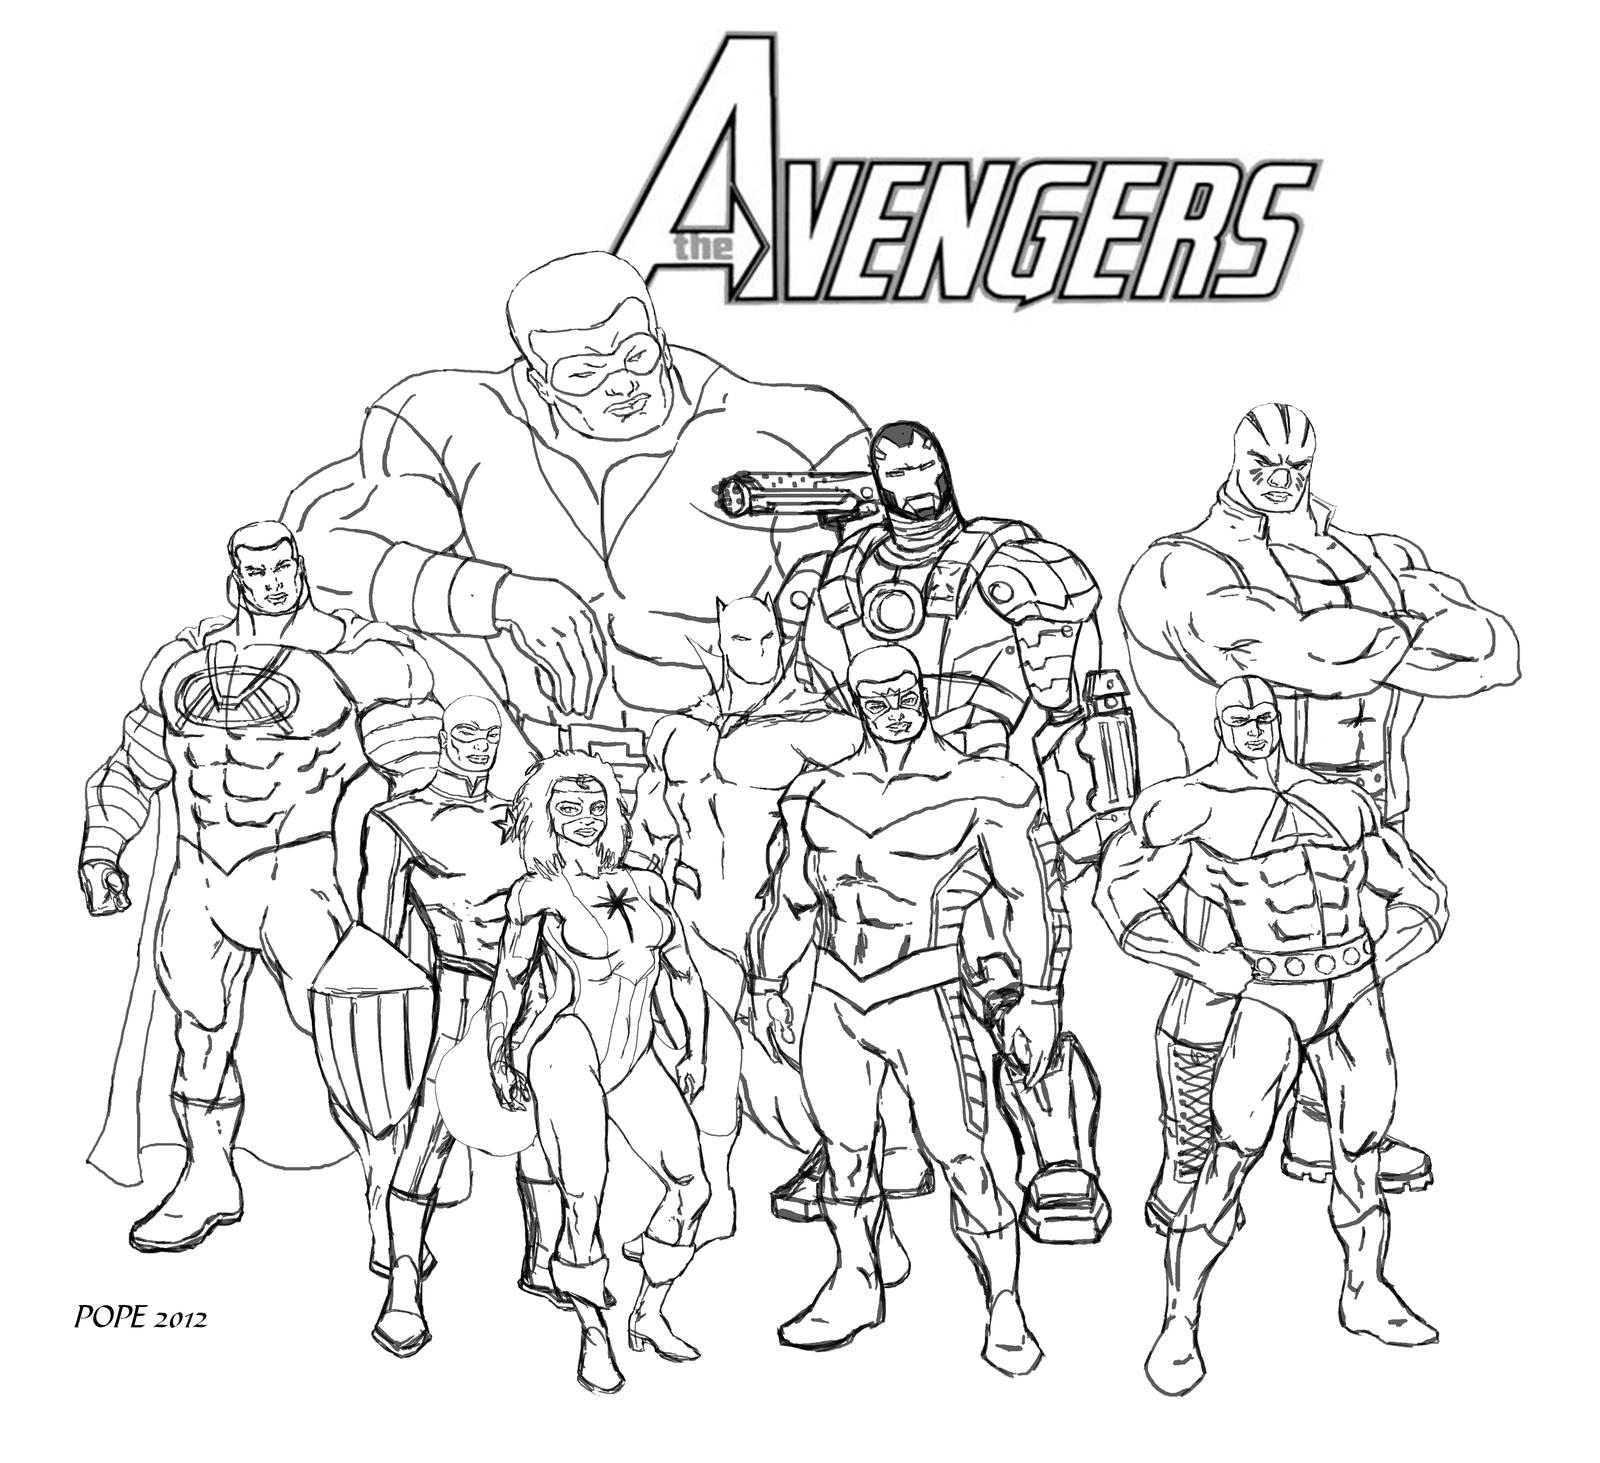 Avengers Ausmalbilder Zum Drucken: Ausmalbilder The Avengers